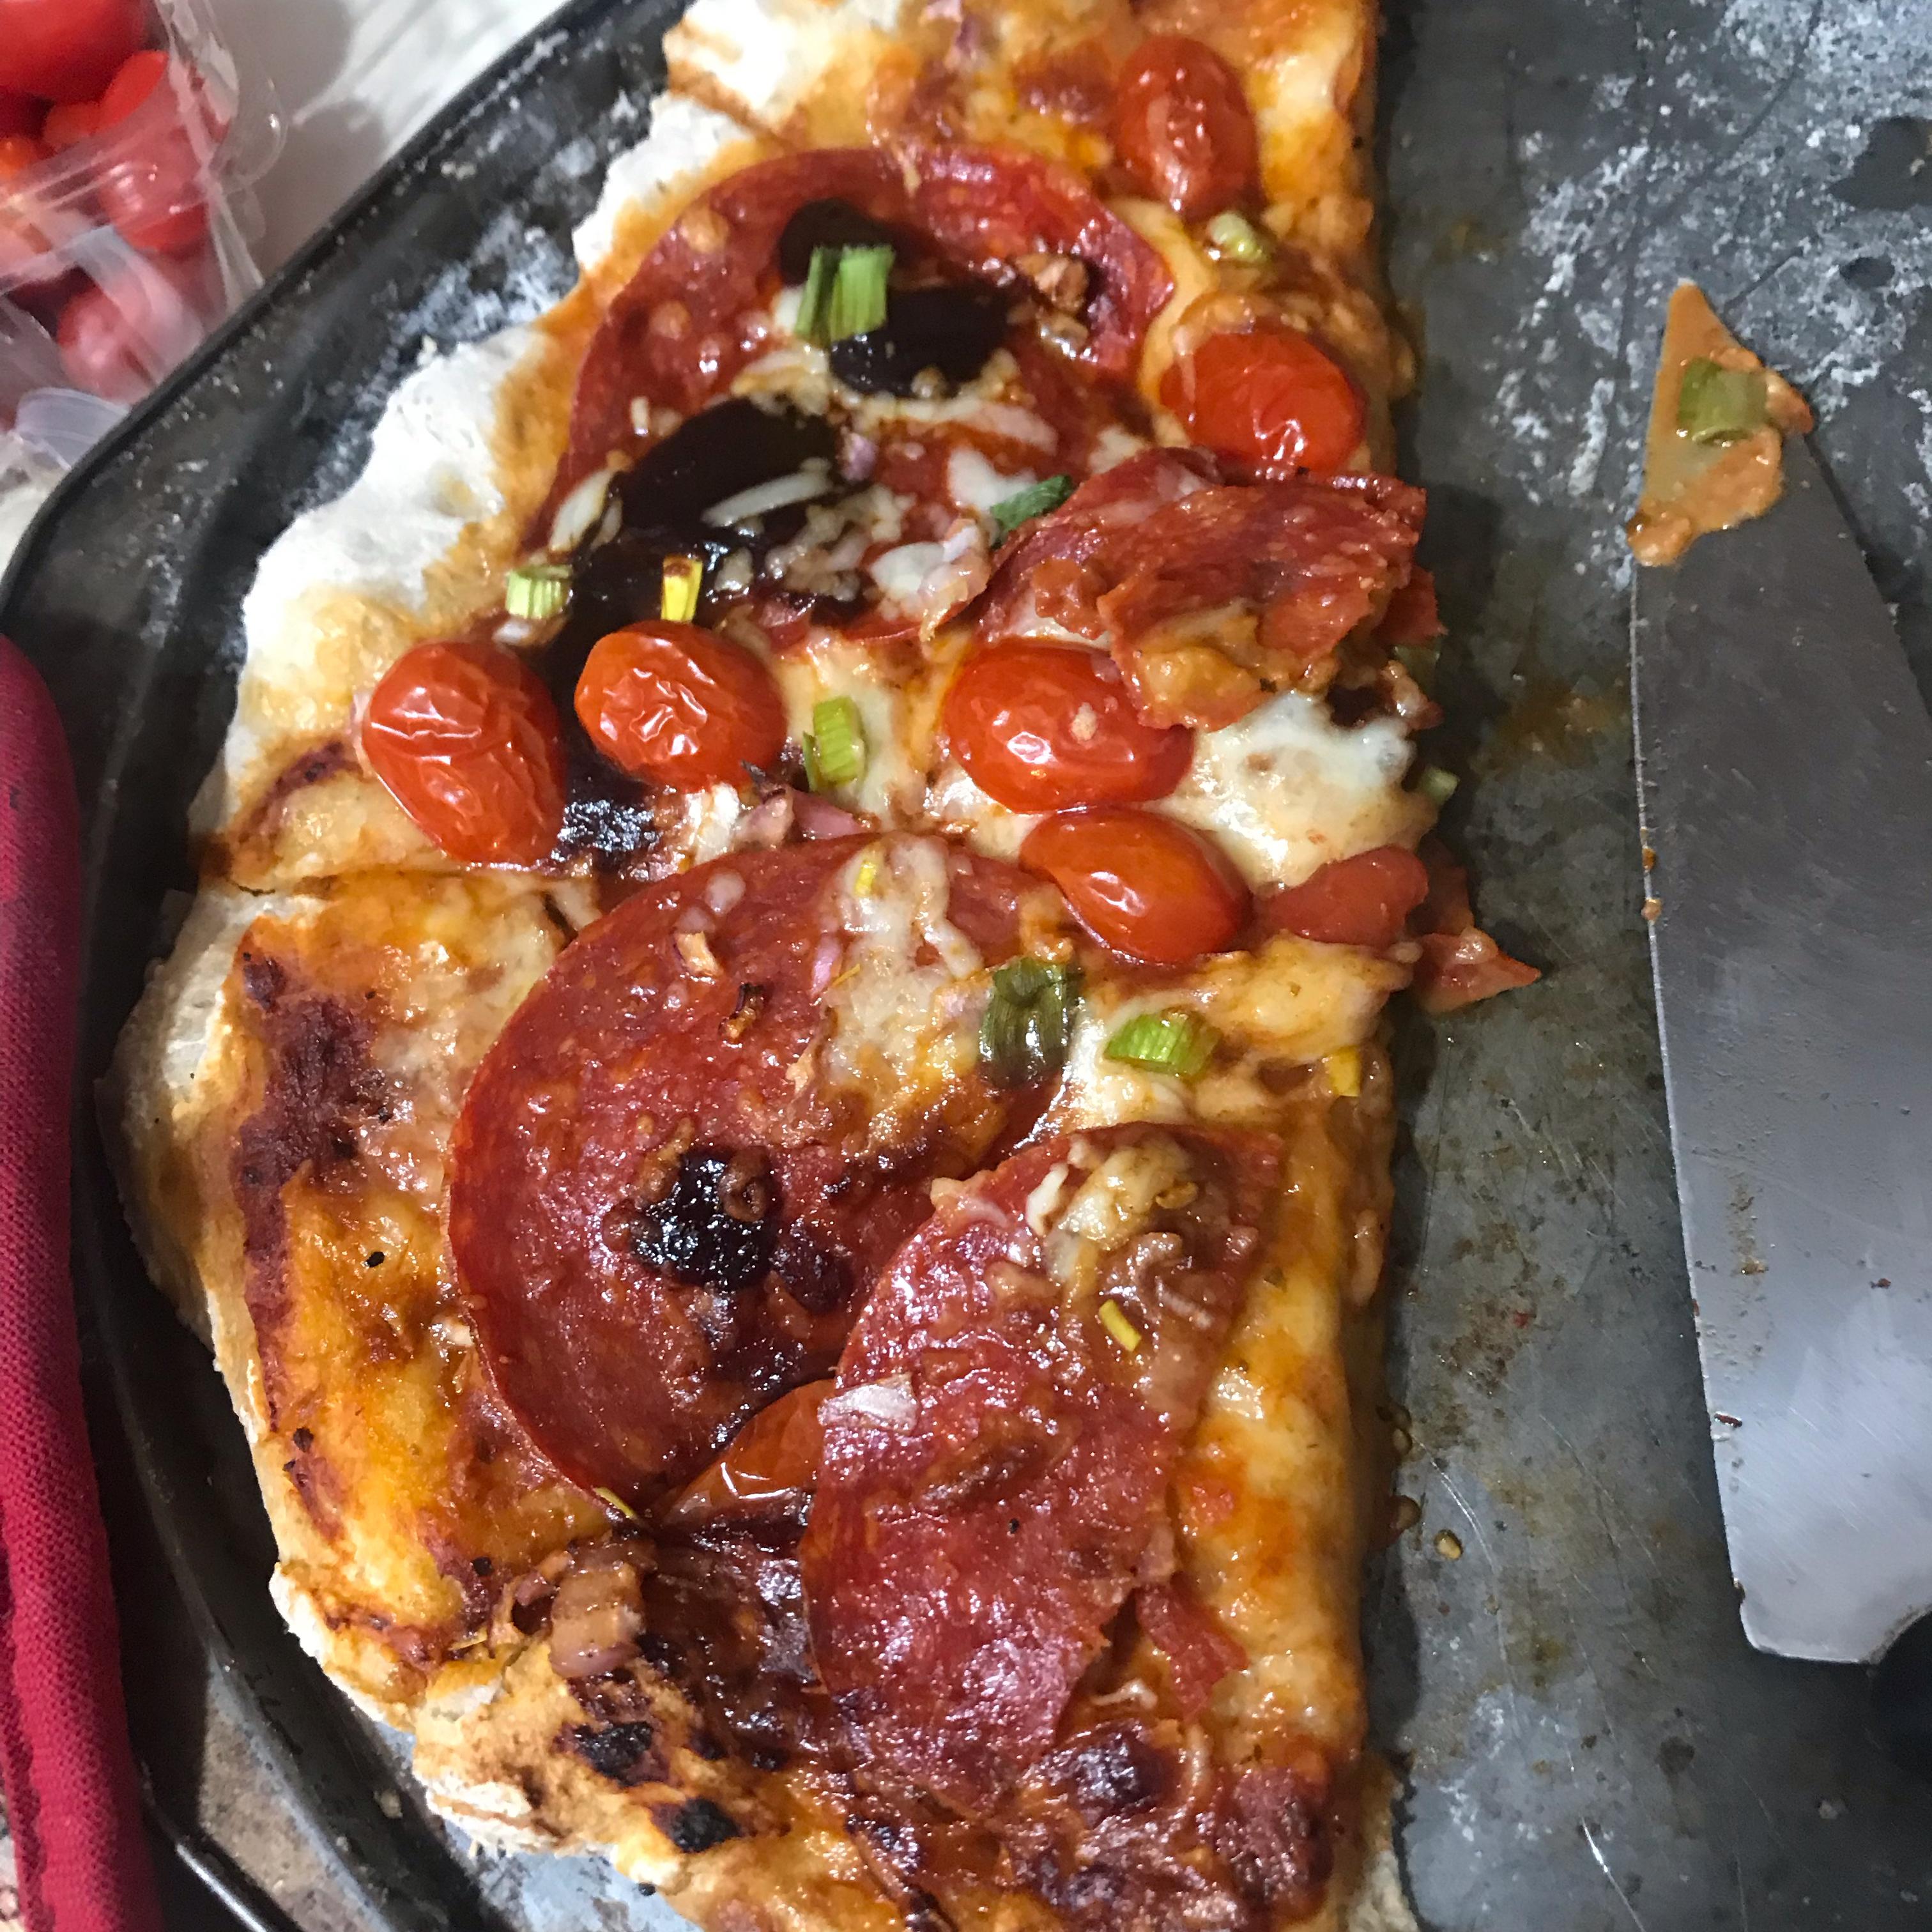 BBQ Pork Pizza Laura Thoren